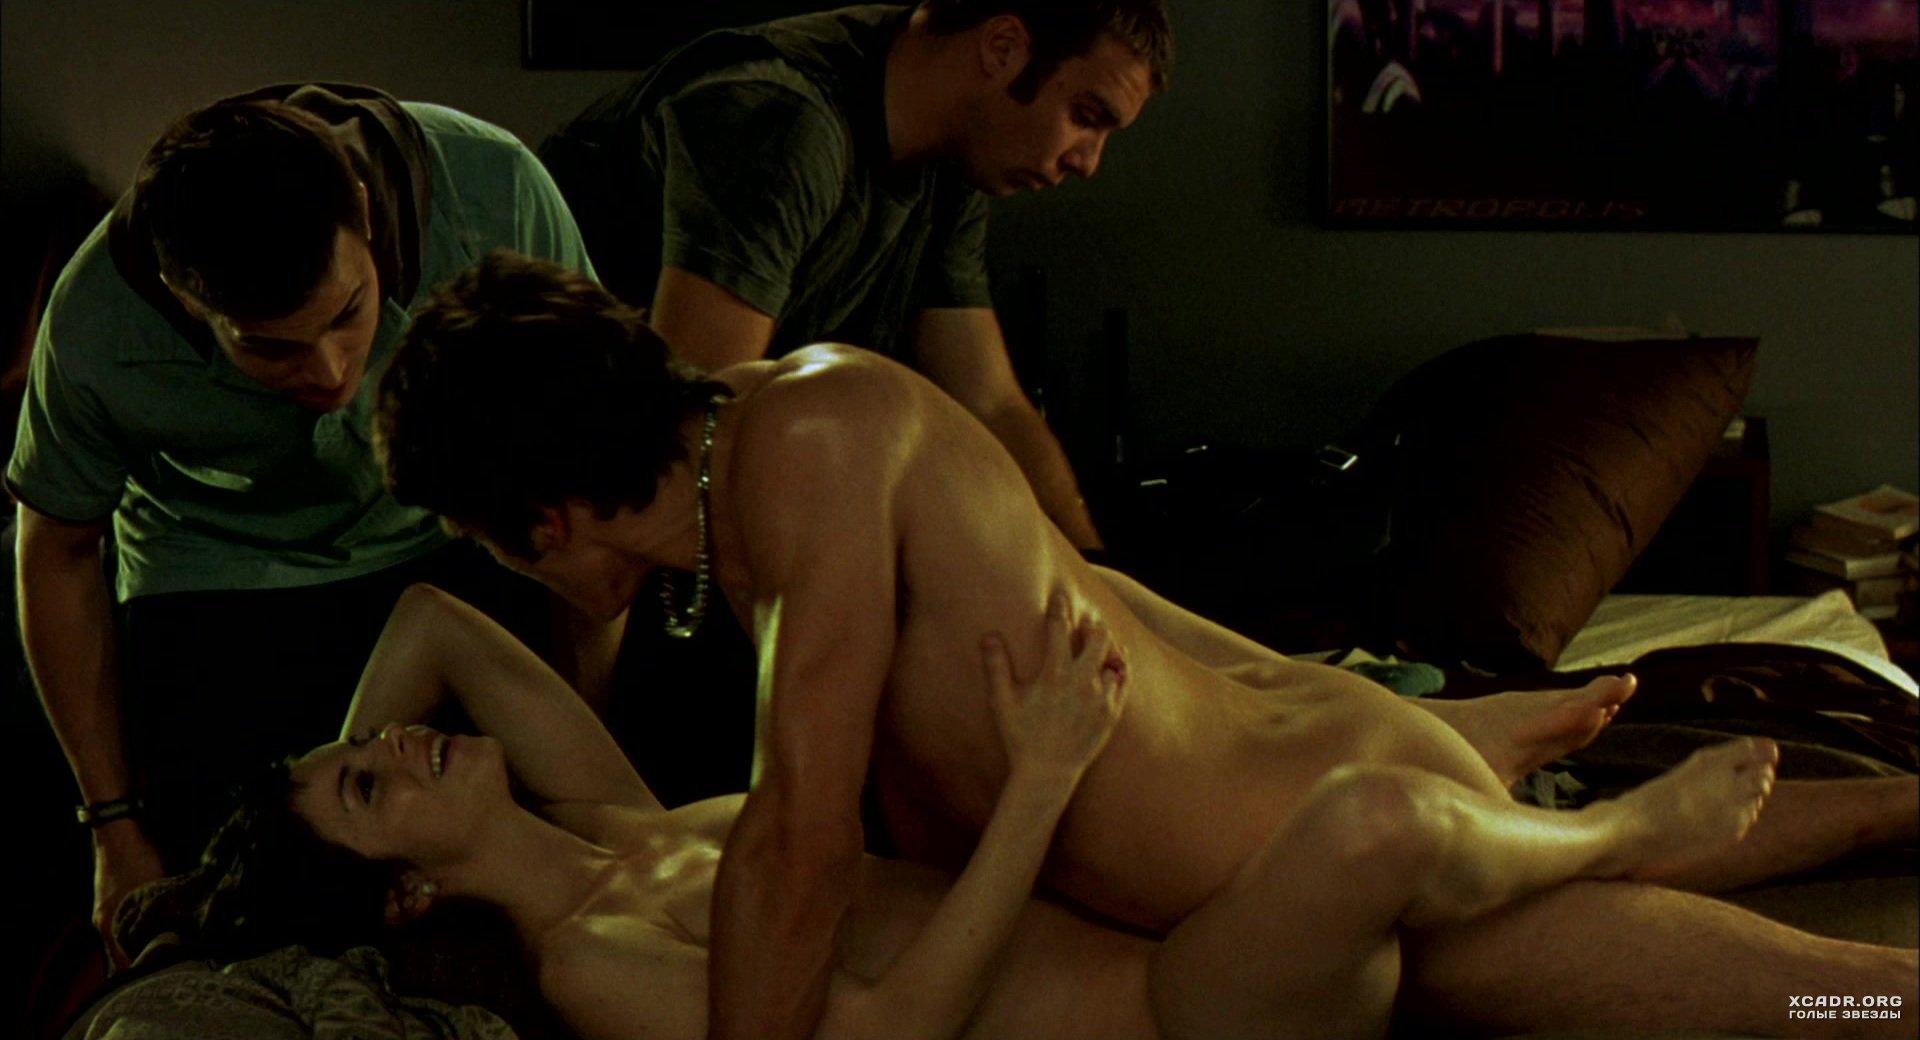 Немецкая зона смотреть сексуальные фильмы на русском языке нежными жопами фото